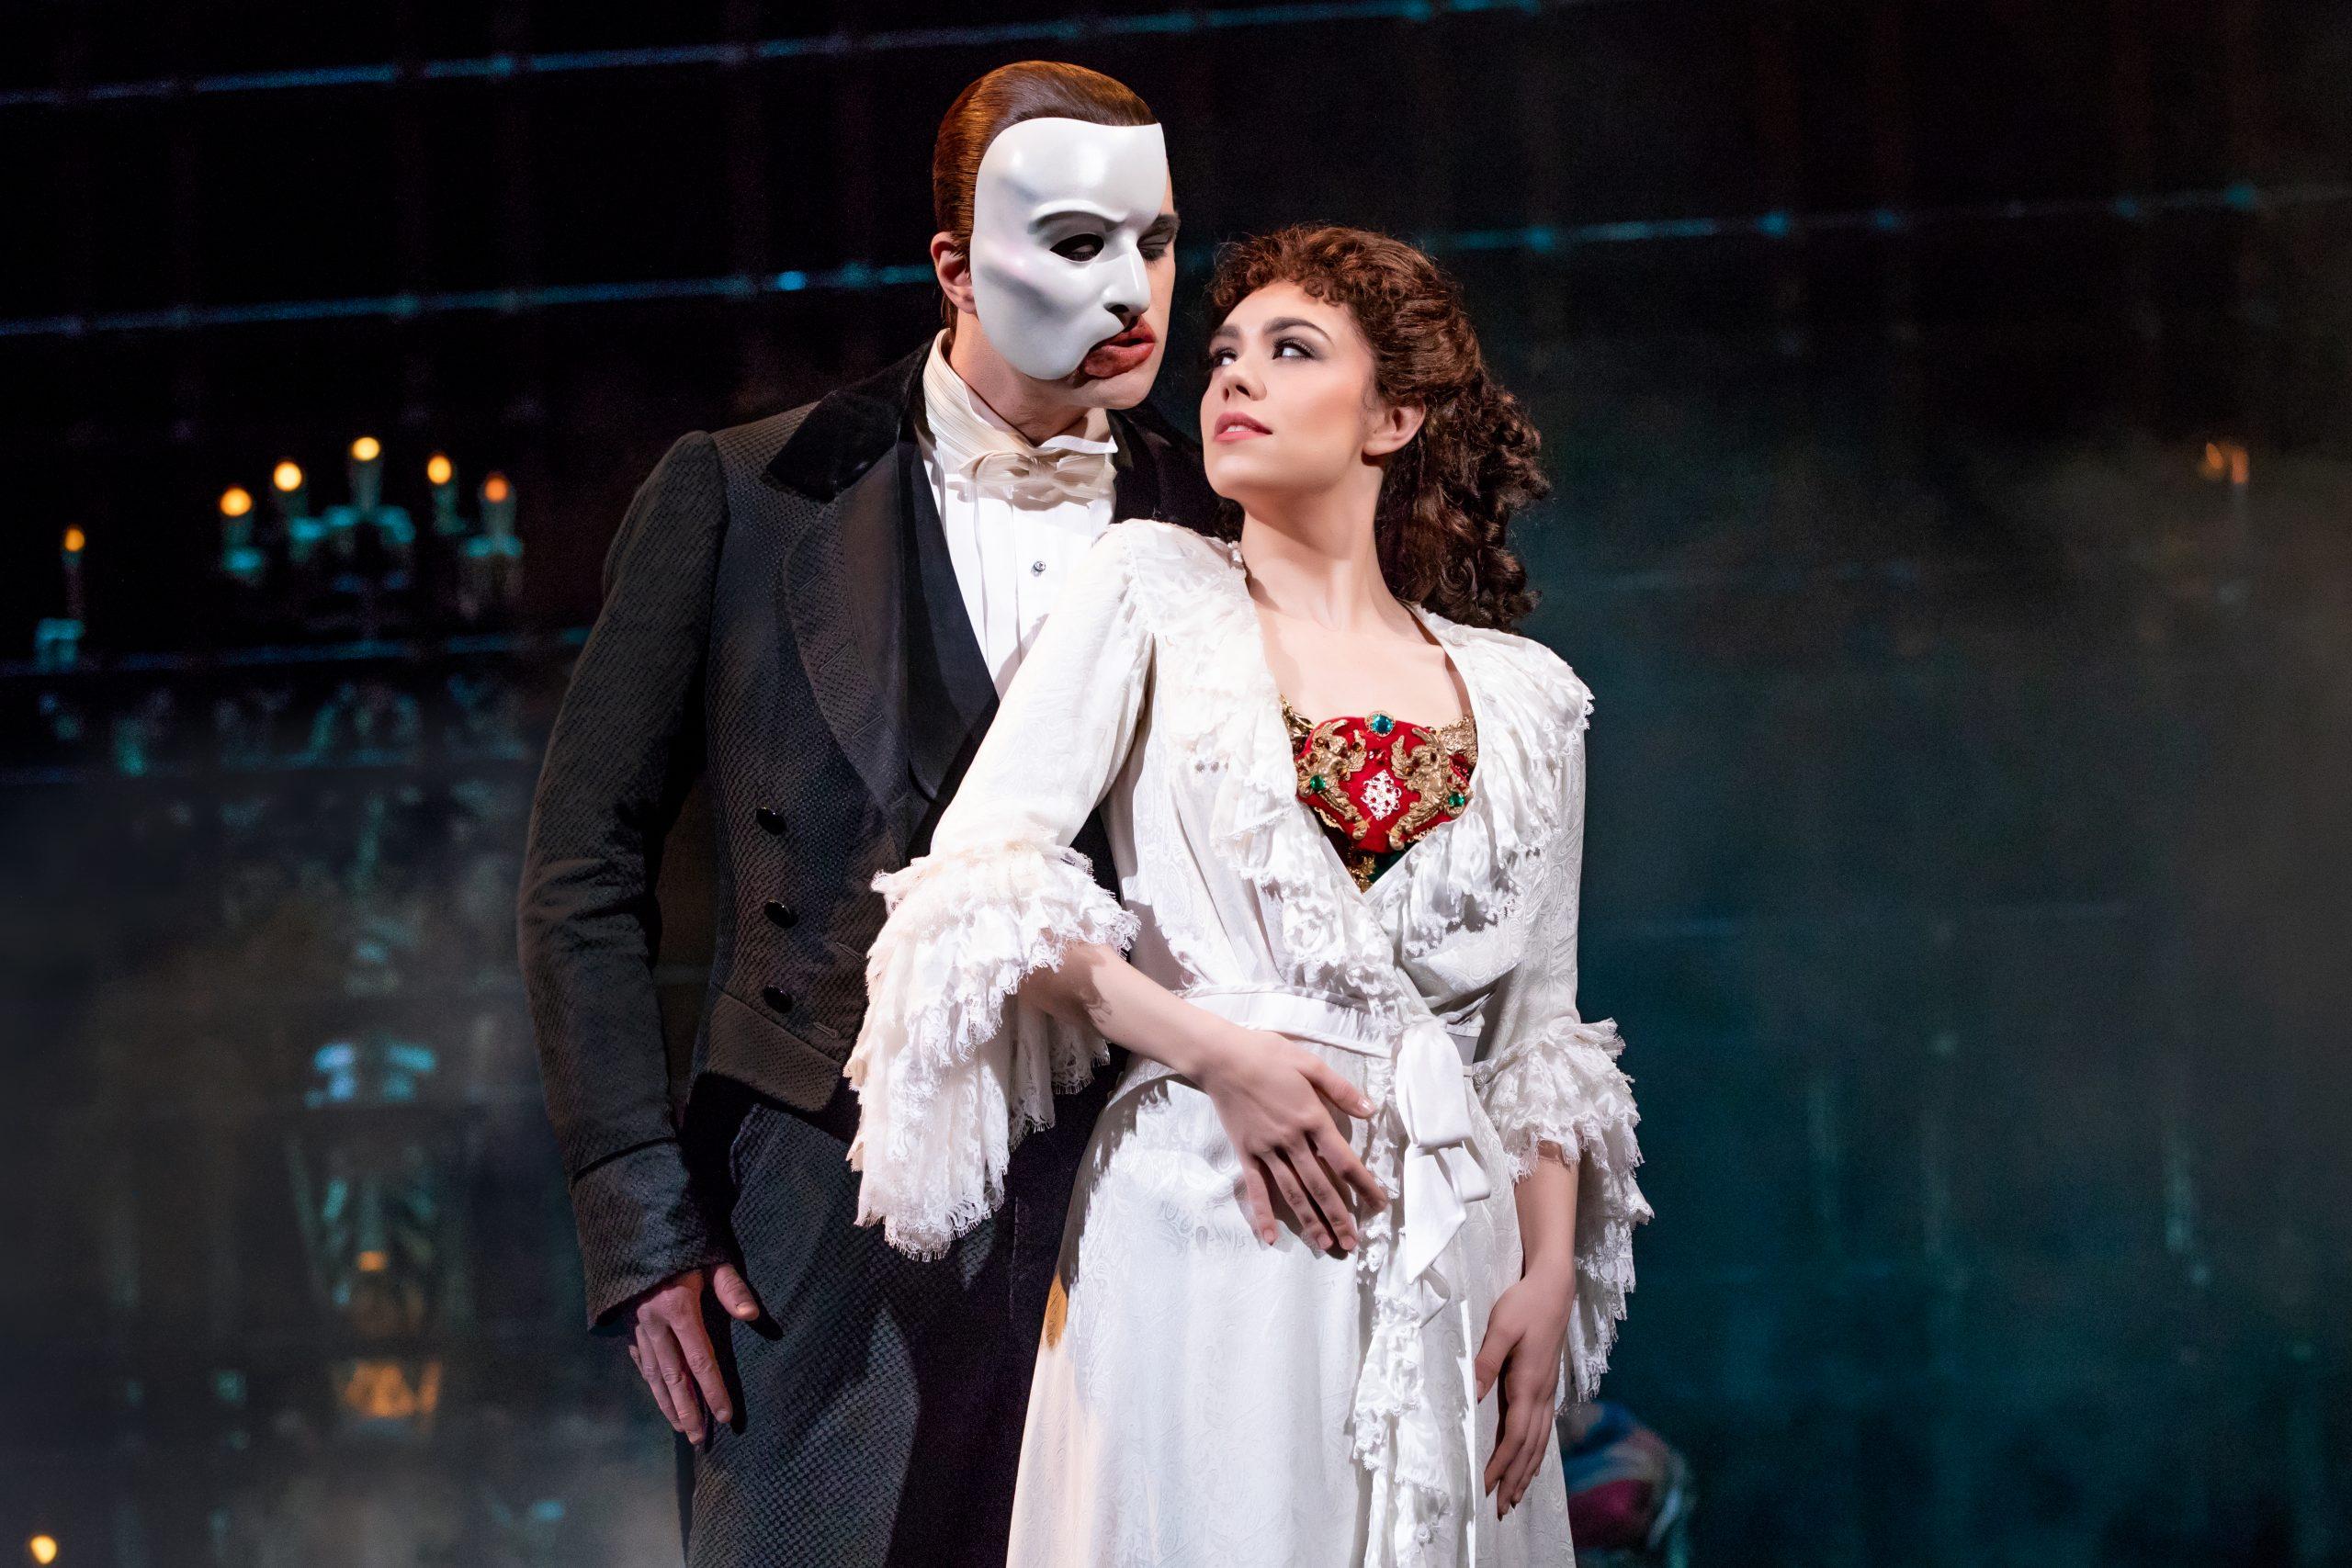 Escena del musical The Phantom of the Opera (El Fantasma de la Ópera) en Broadway, Nueva York